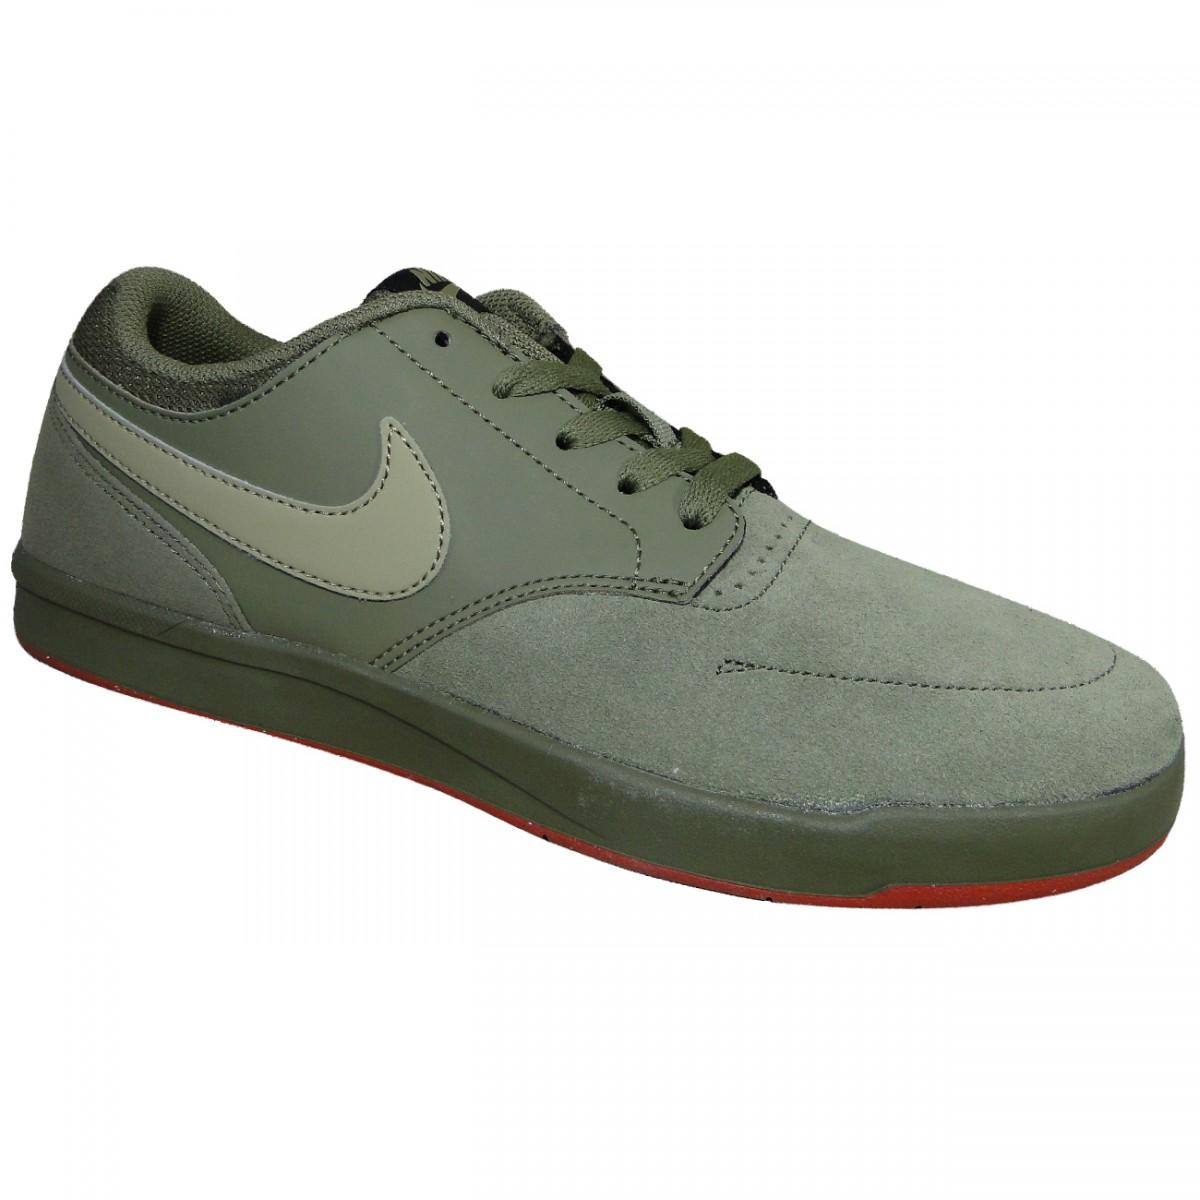 reputable site 82c76 374ff Tenis Nike SB Fokus 749477 200 - VerdeMilitar - Chuteira Nike, Adidas.  Sandalias Femininas. Sandy Calçados